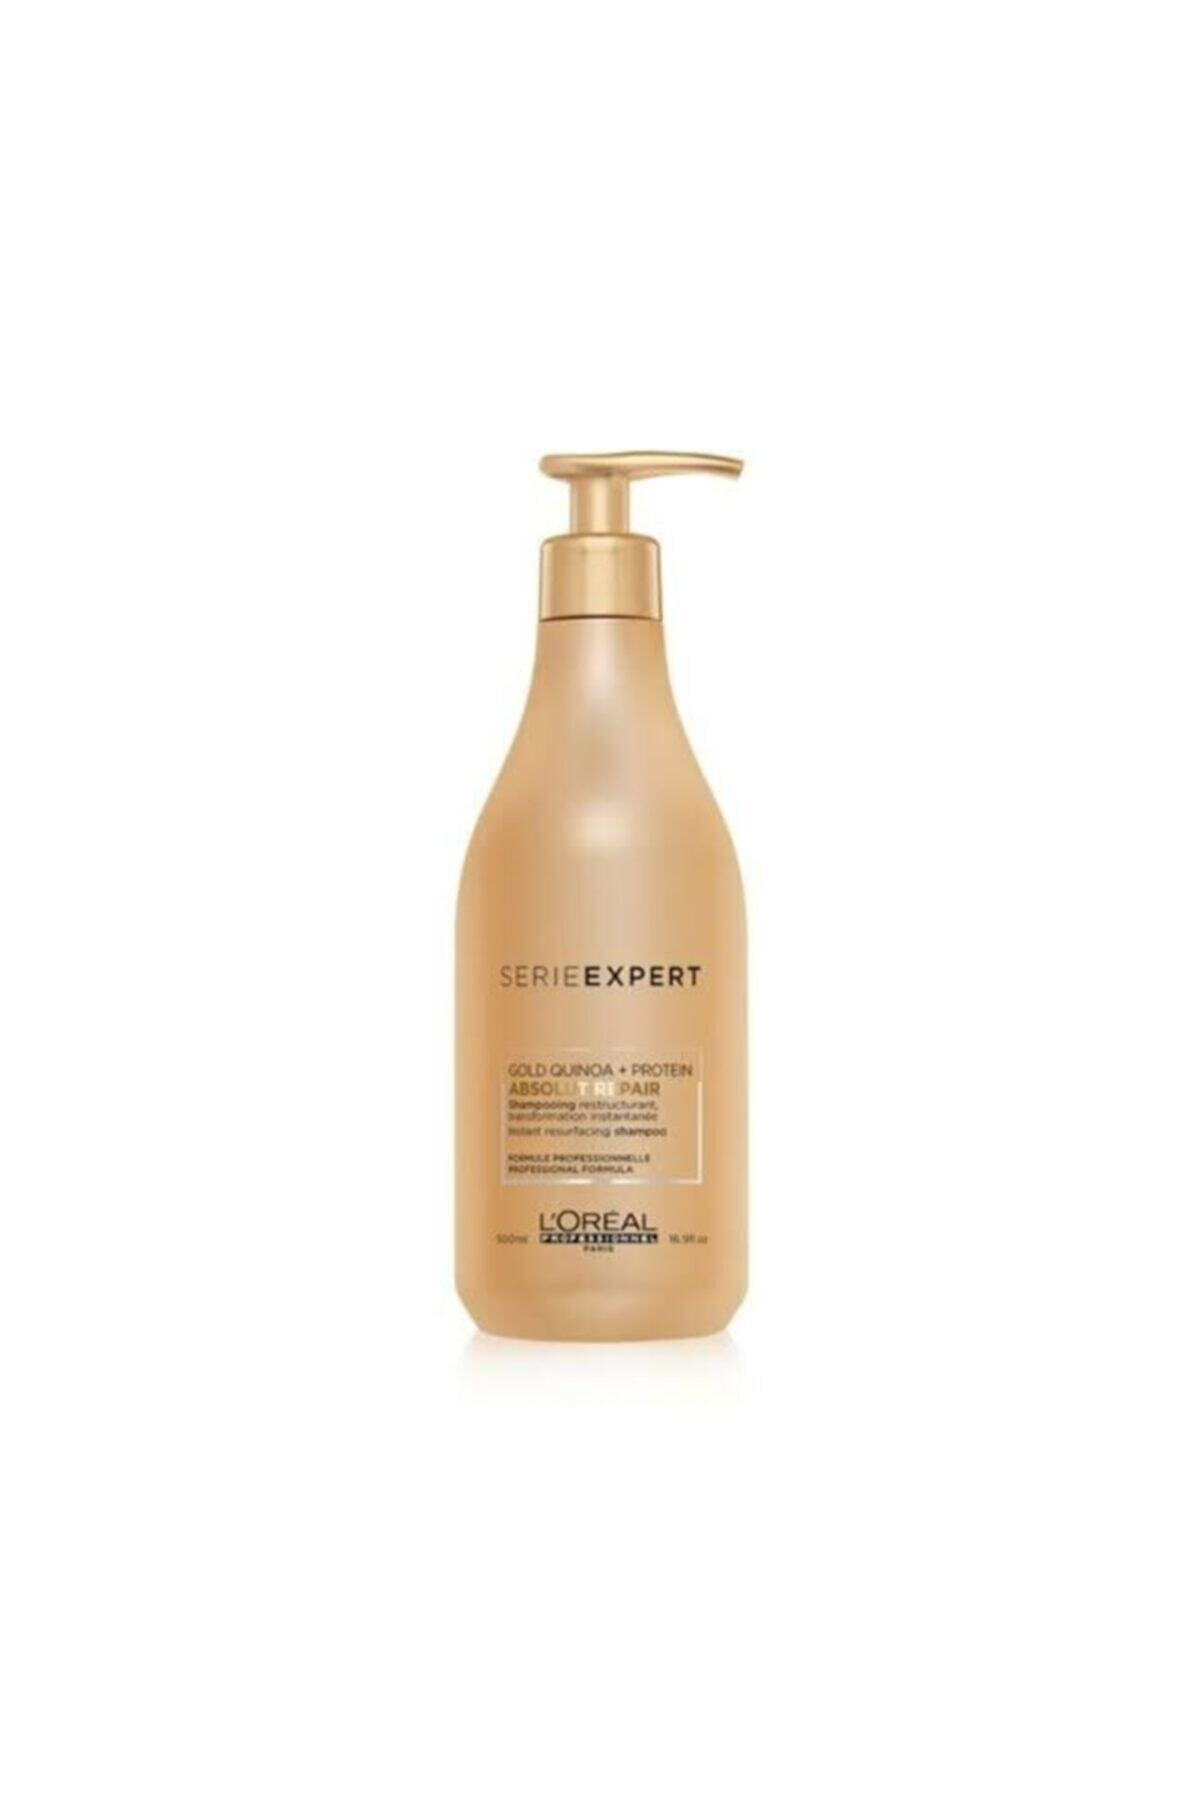 L'oreal Professionnel Yıpranmış Saçlar için Onarıcı Şampuan - Absolut Repair Gold Quinoa+Protein 500 ml 3474630640627 1